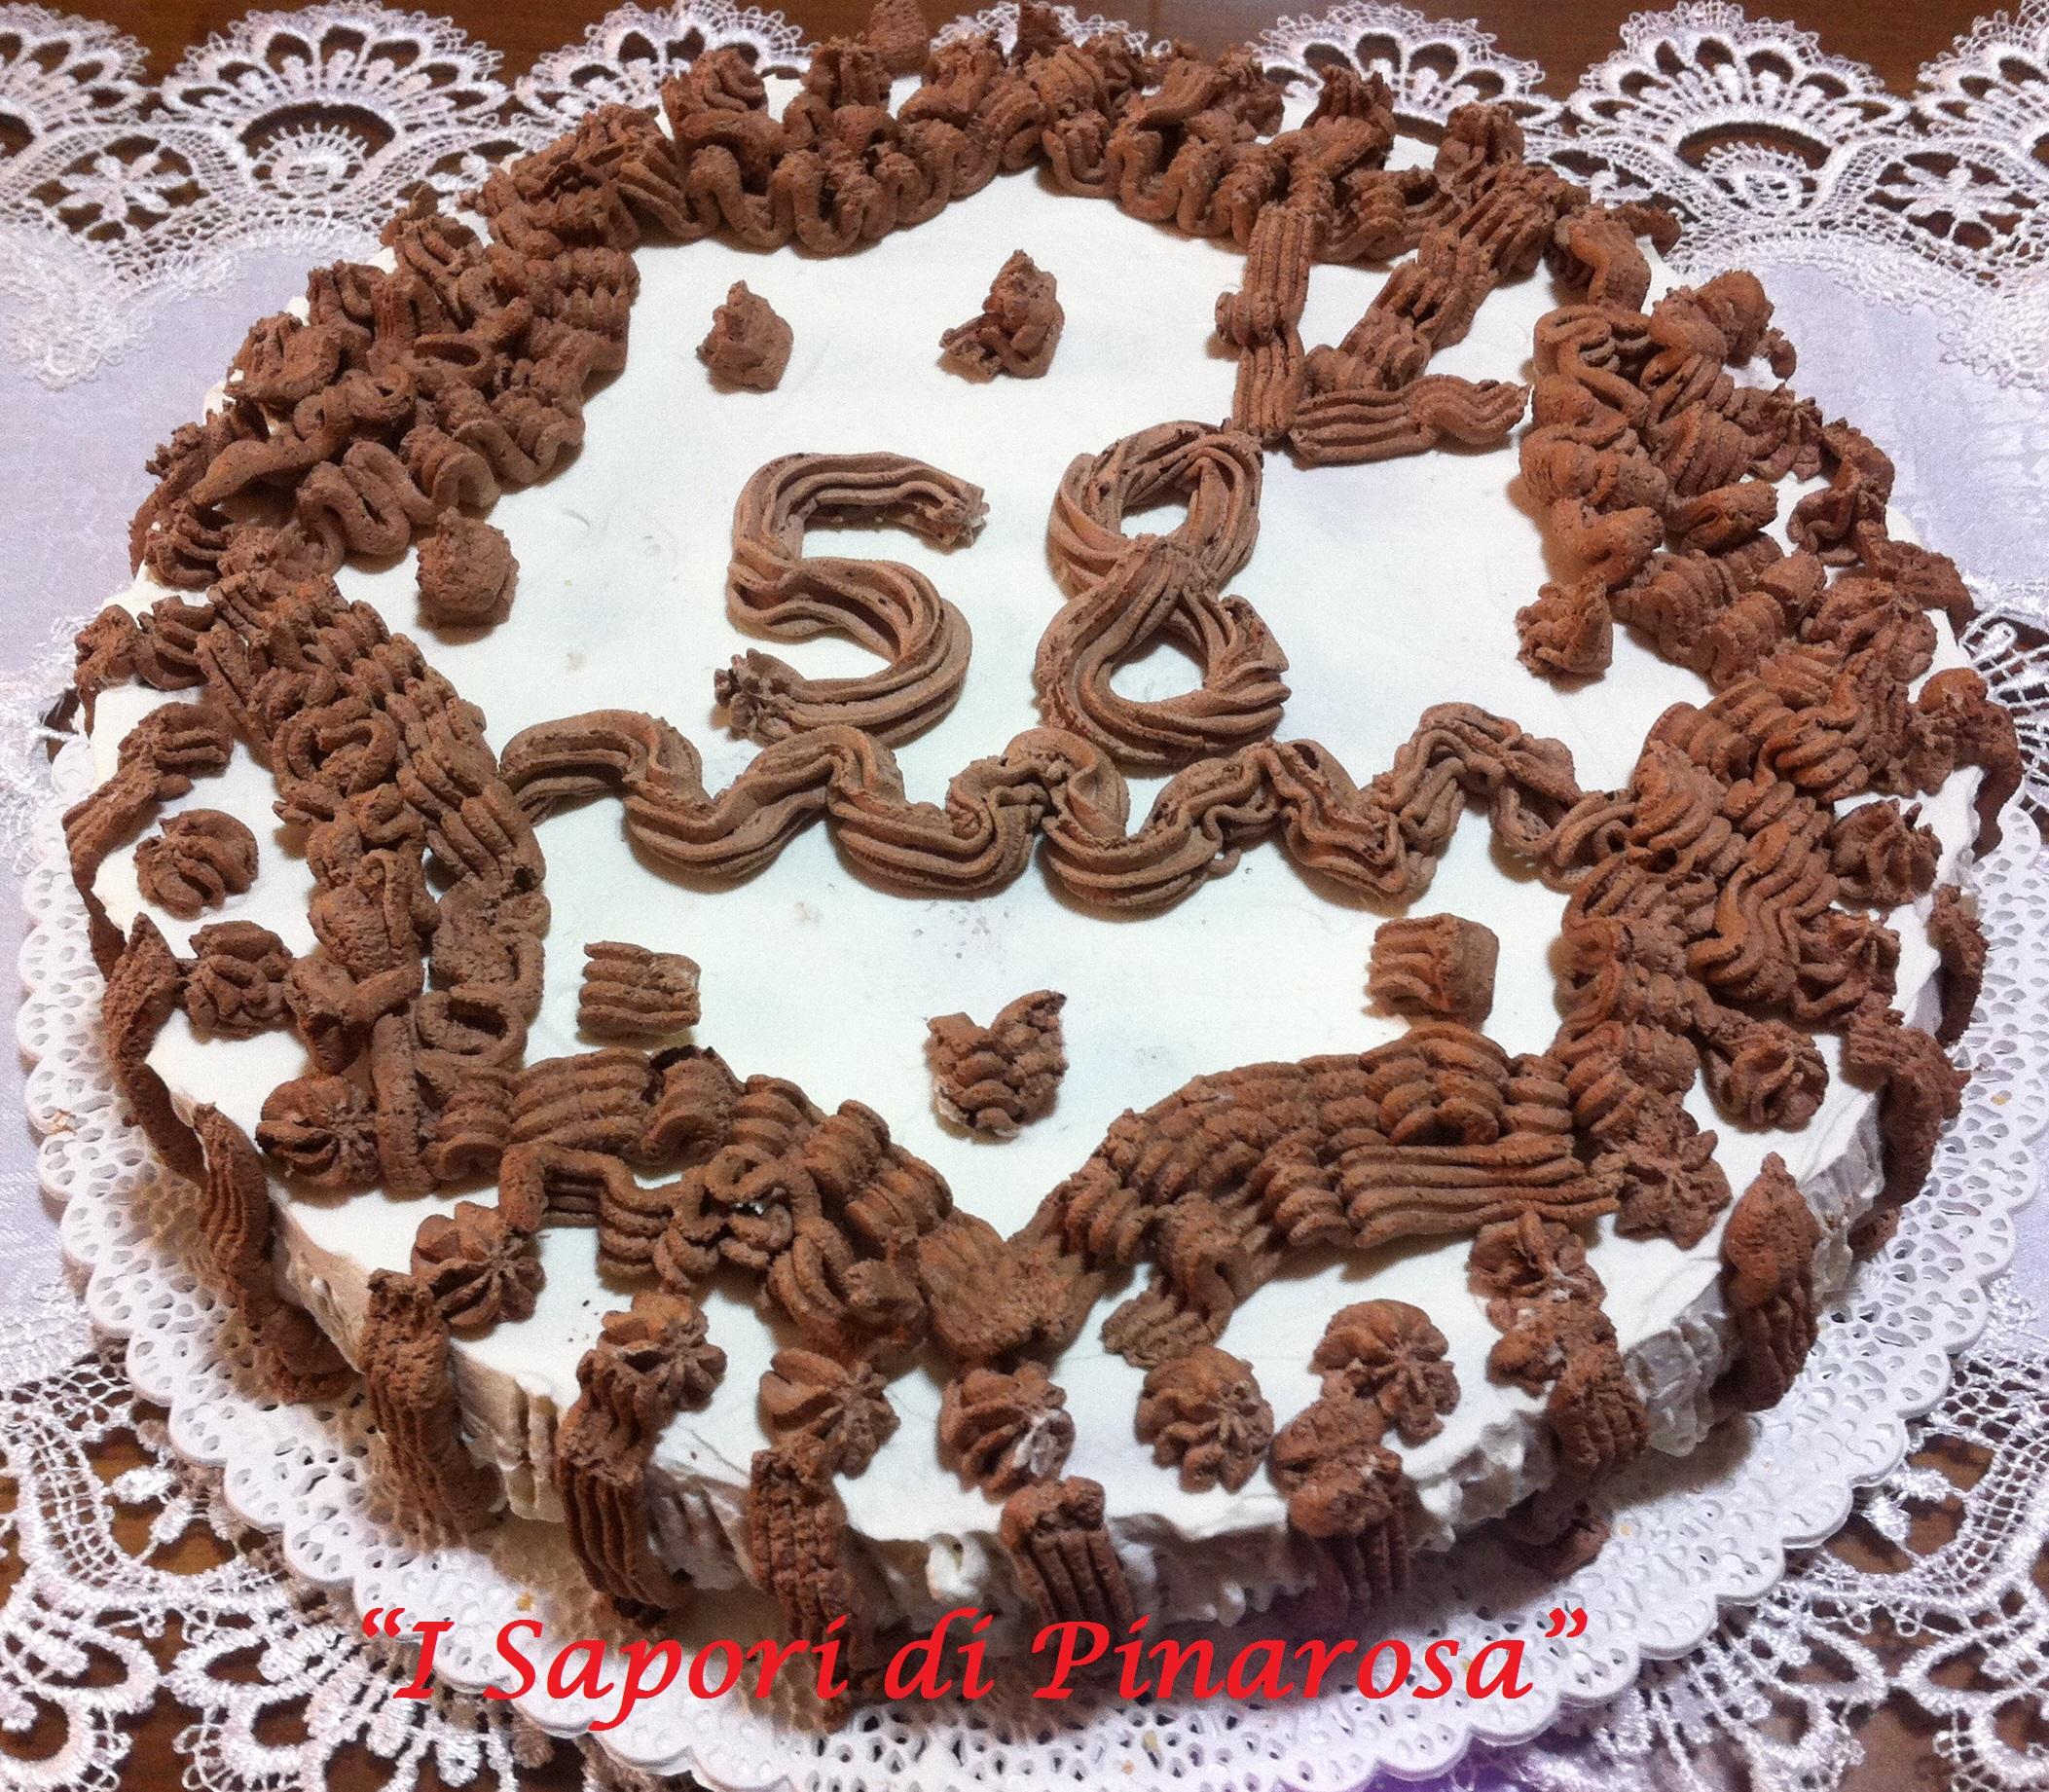 Torta panna e crema per tutte le occasioni (compleanni, feste, etc.)